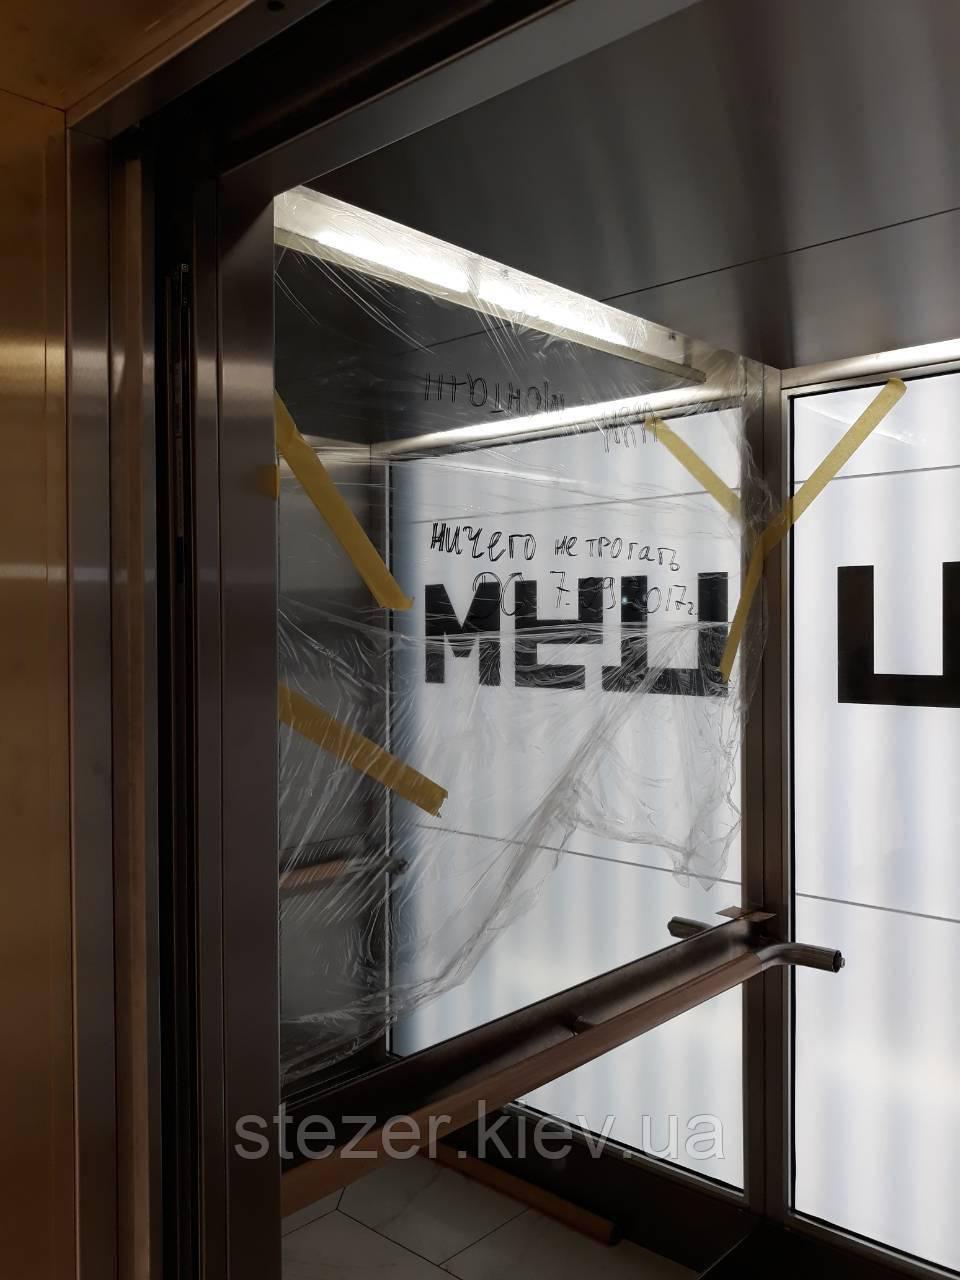 Зеркала в лифт на заказ